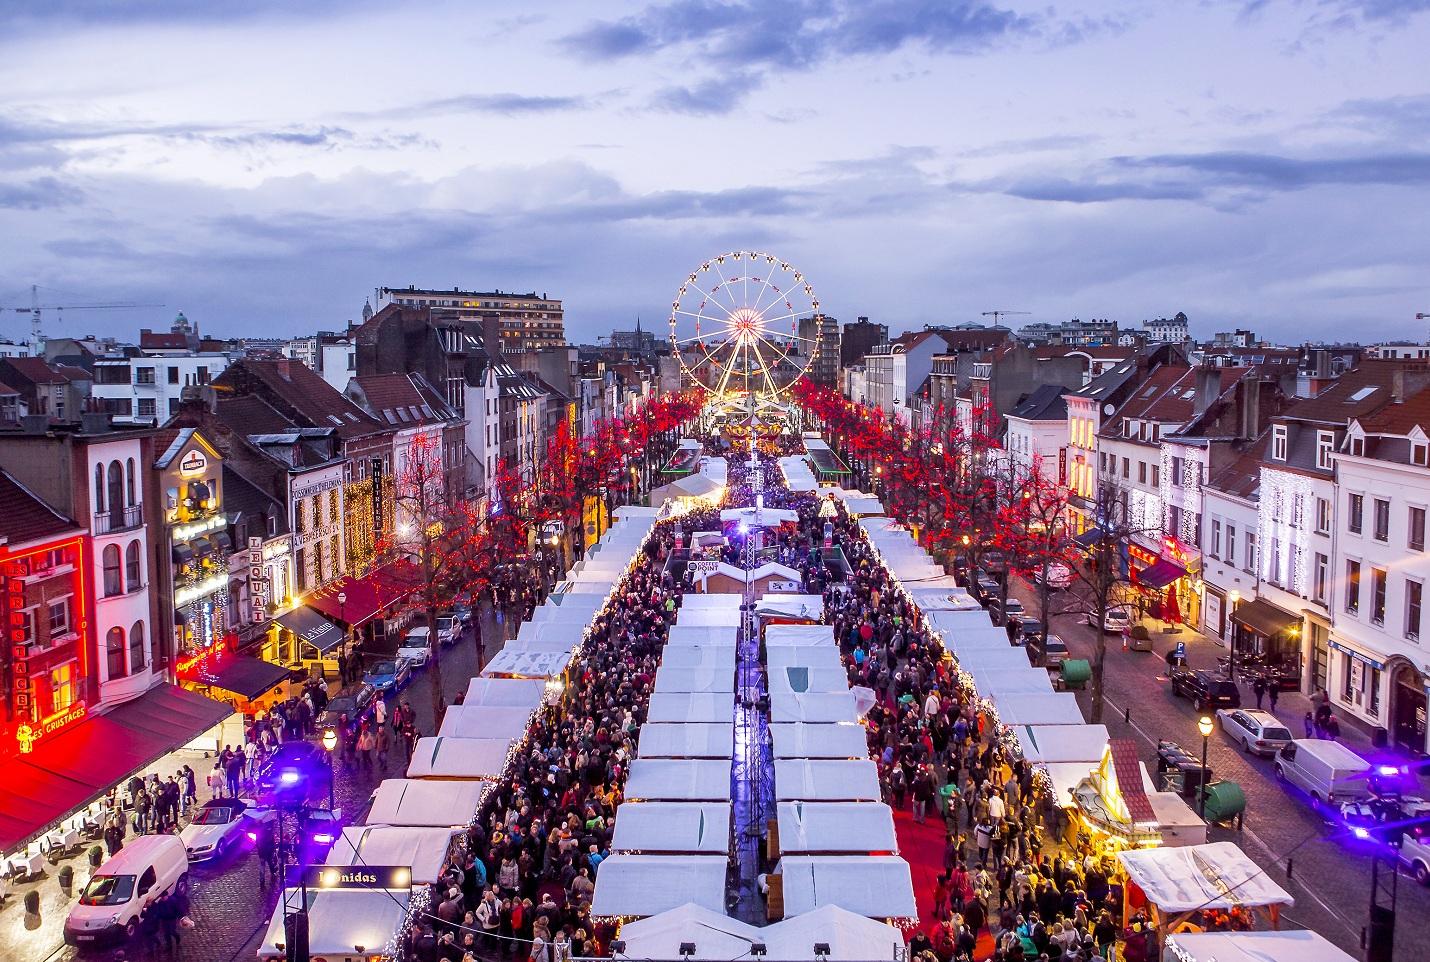 Marche De Noel Bruxelle Plaisirs d'Hiver à Bruxelles : circulez, y a rien à voir | Pagtour